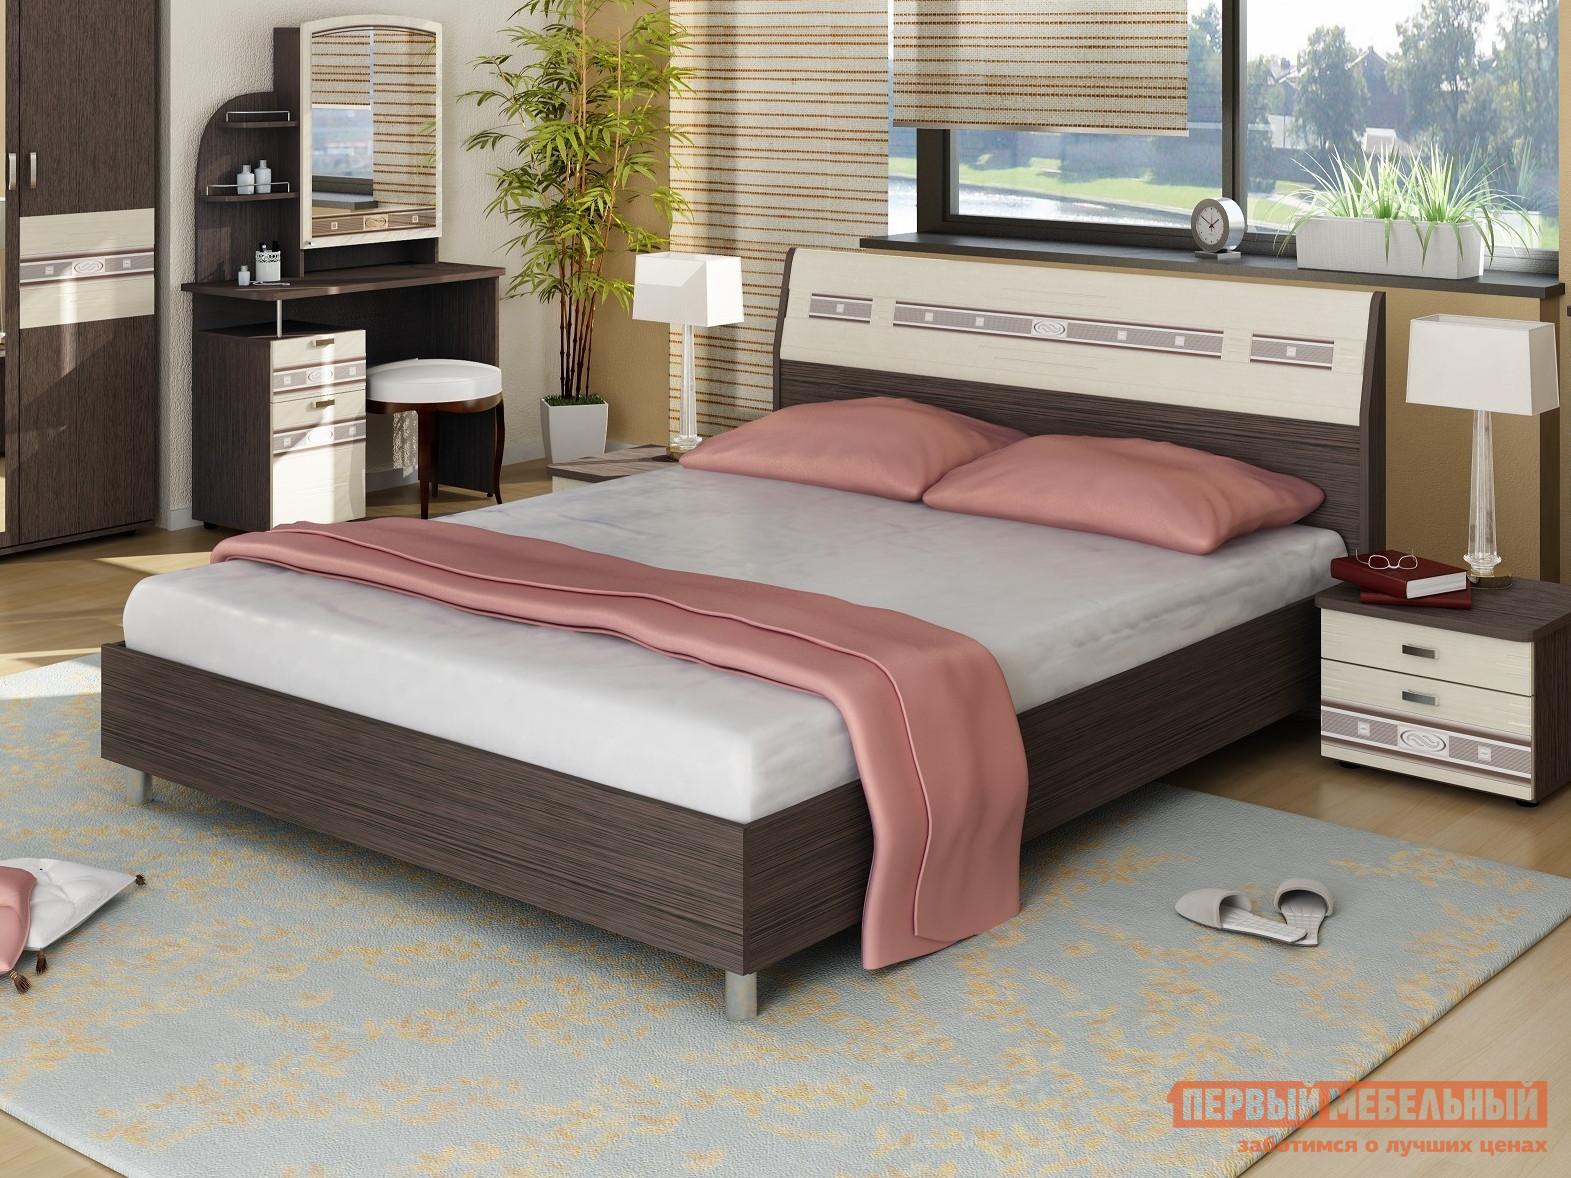 Двуспальная кровать Витра 95.01/95.02+ОК1/ОК2 двуспальная кровать витра 98 21